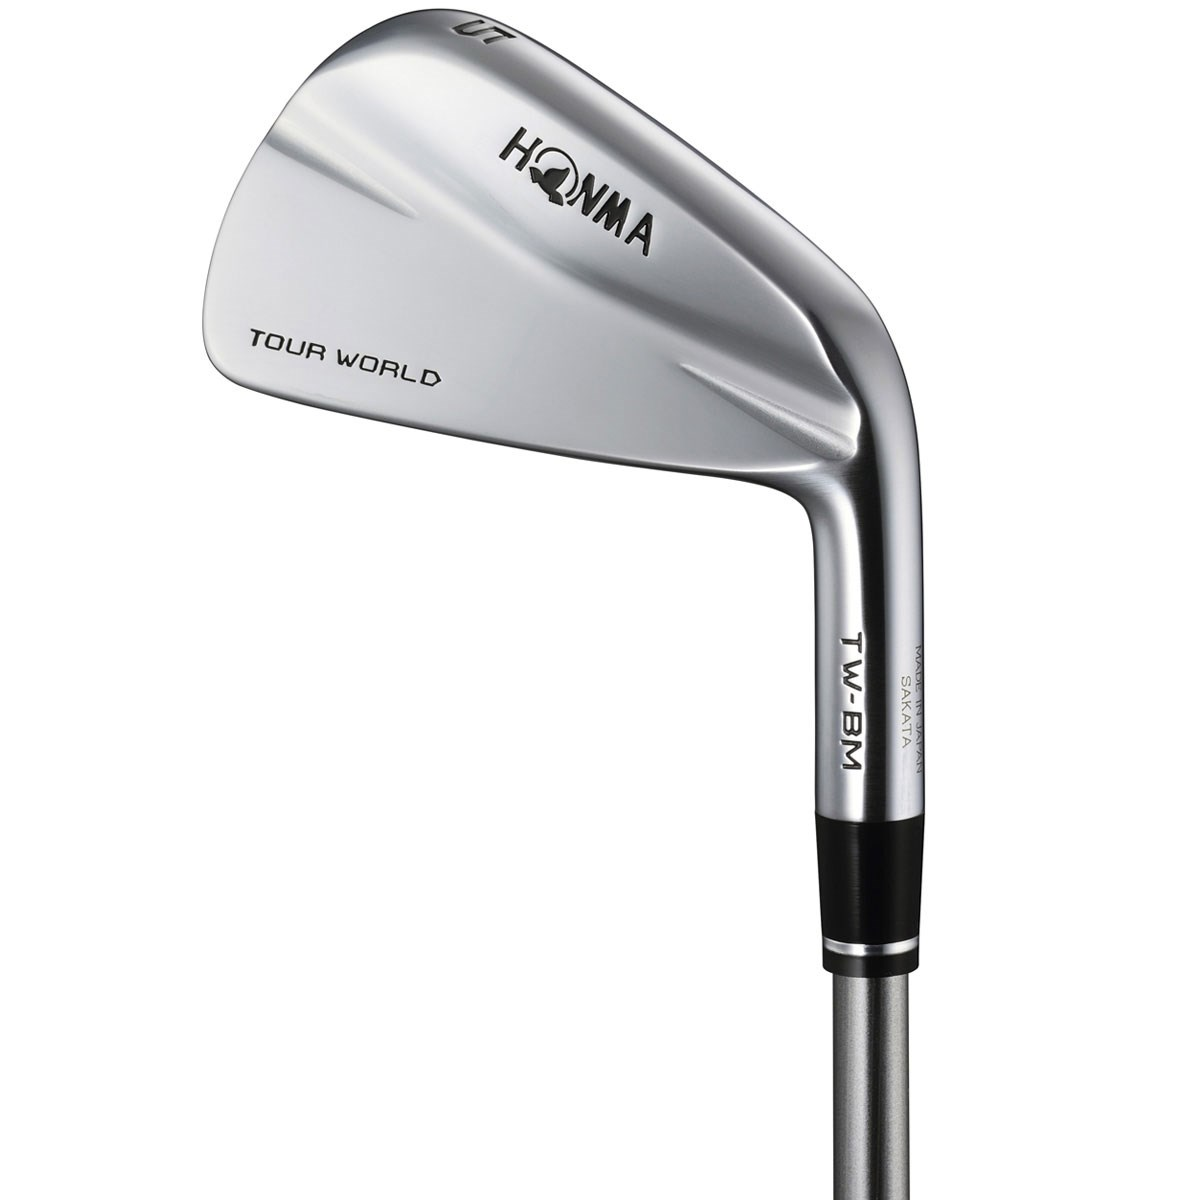 本間ゴルフ(HONMA GOLF) ツアーワールド TW-BM アイアン(単品) VIZARD IB95